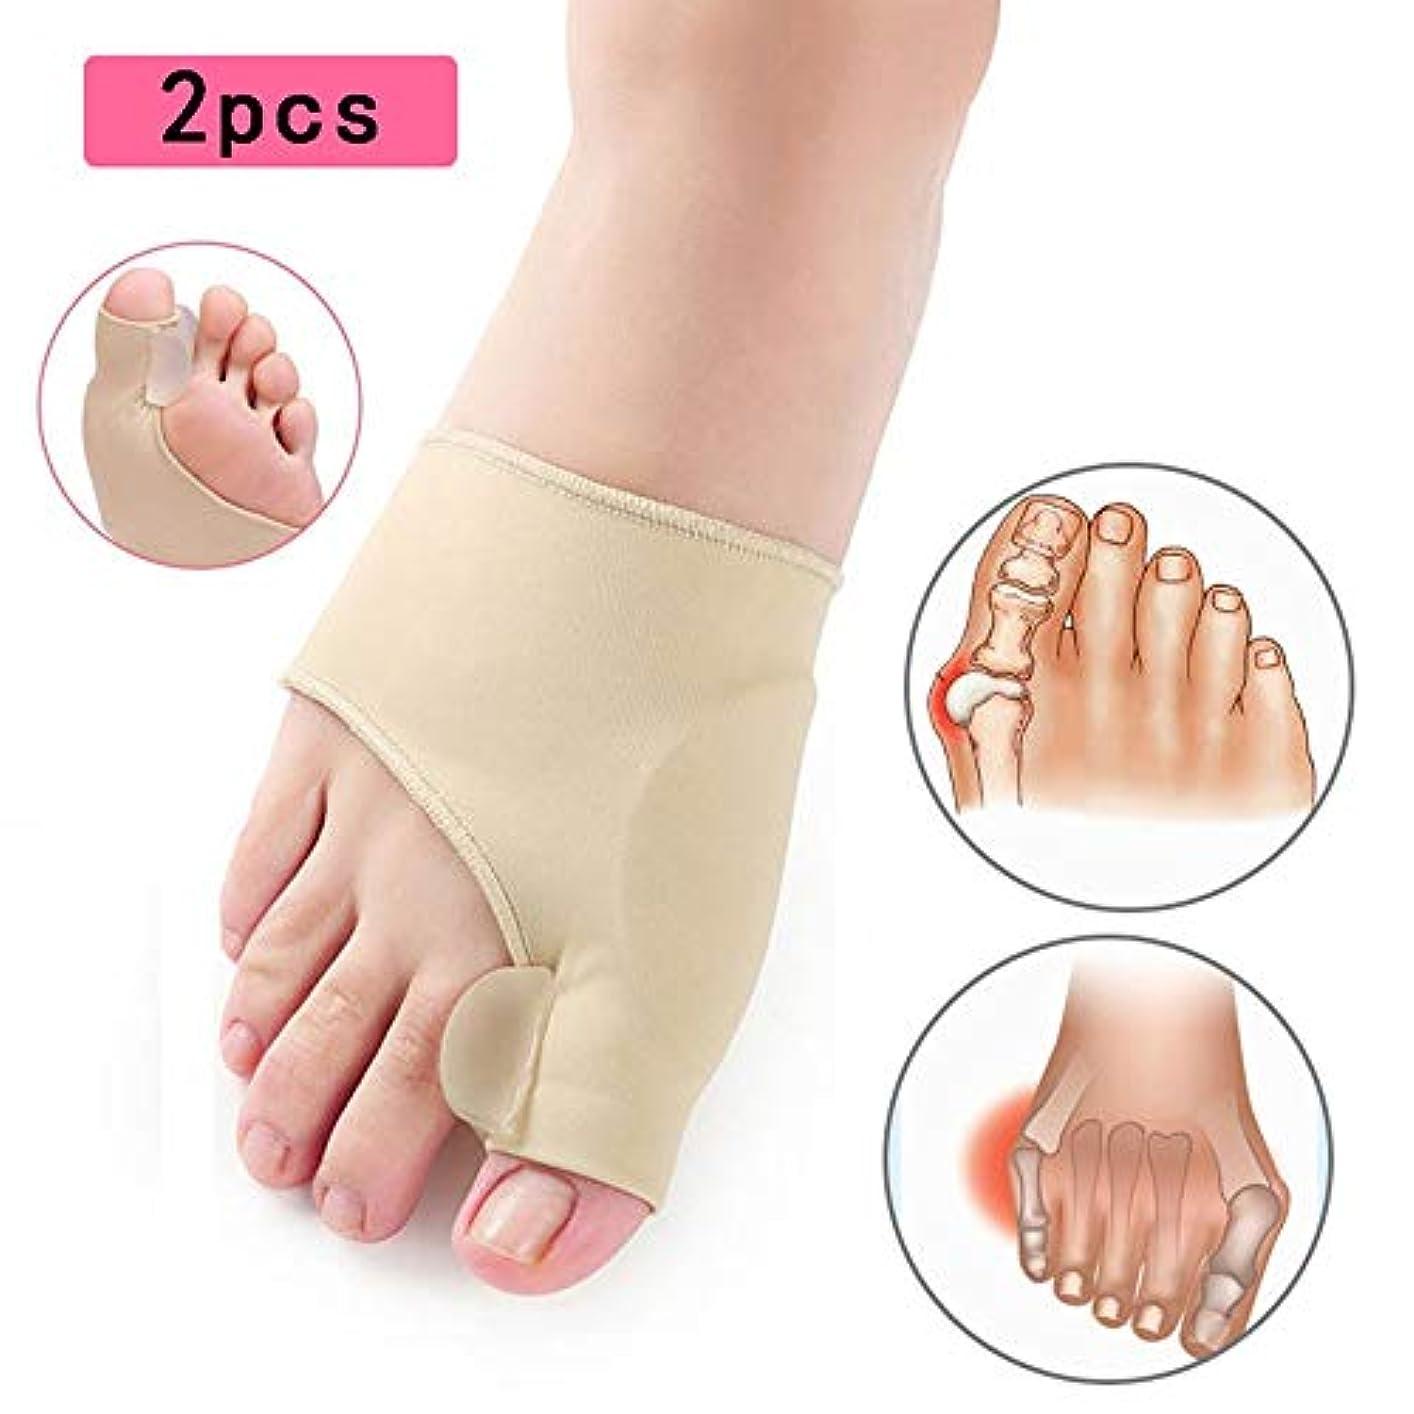 1ペア親指外反母correct矯正大足矯正腱膜瘤パッド、ブレースクッション、ゲルパッドを内蔵、男性と女性の外反母Paの痛みを軽減(アプリコット色)